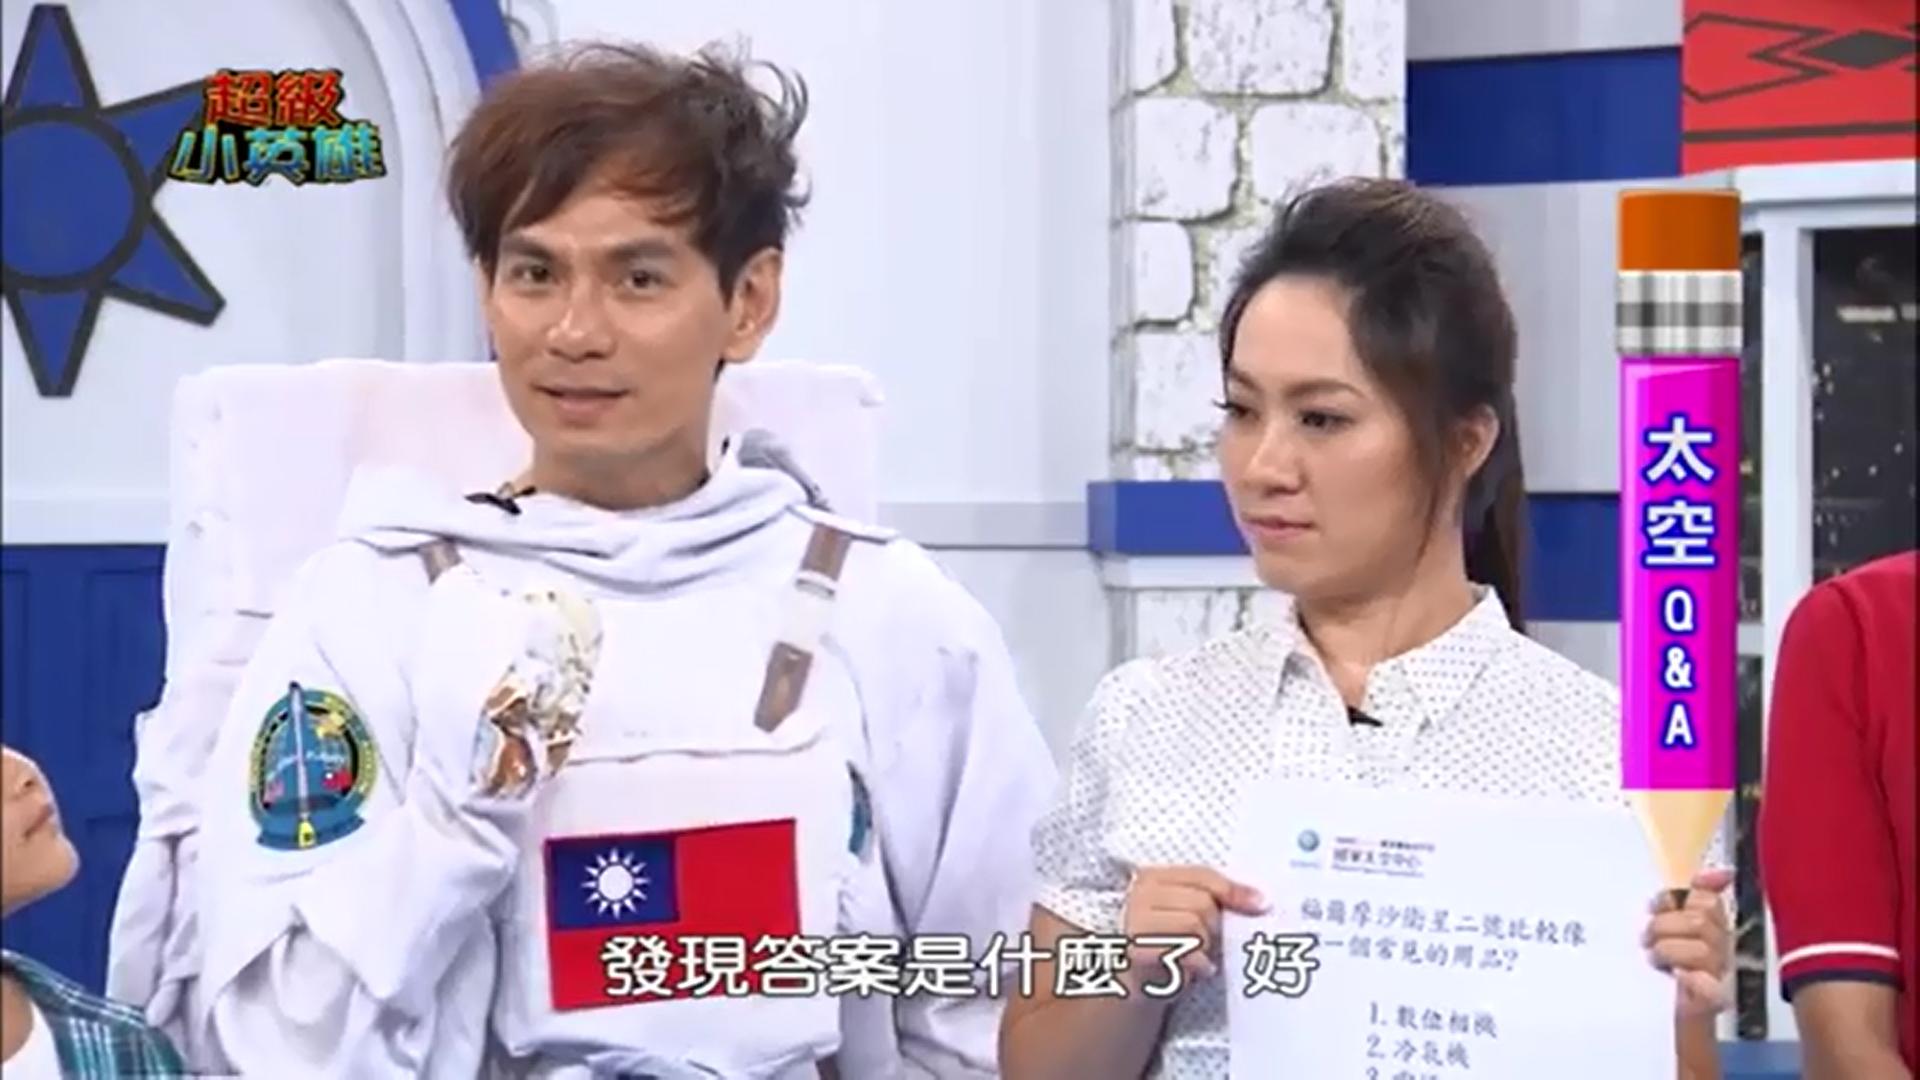 2014.10.12 超級電視台超級小英雄節目【太空小問答】